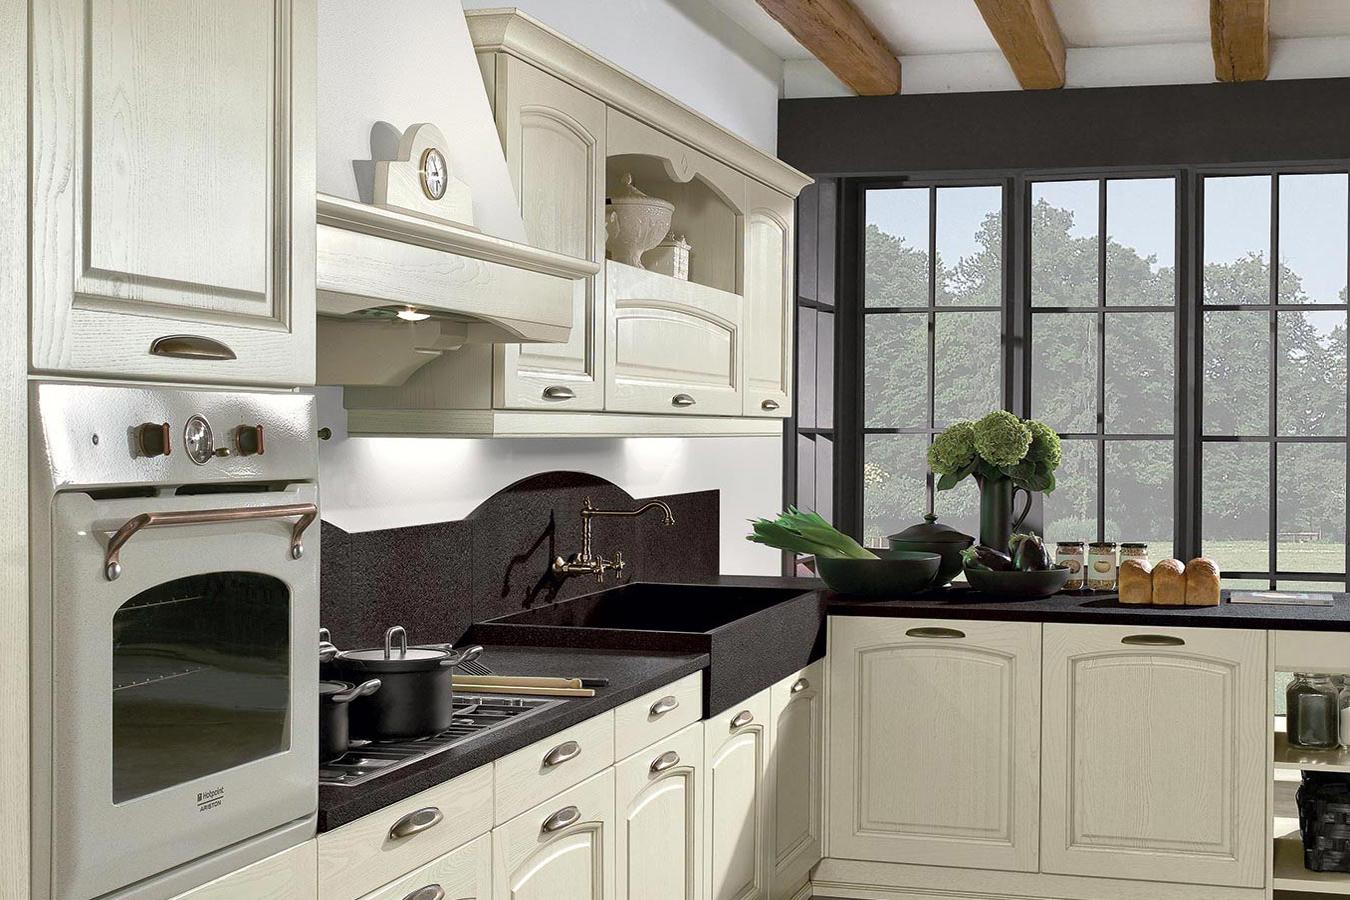 Cucina classica emma di arredo3 righetti mobili novara for Mobili arredo cucina